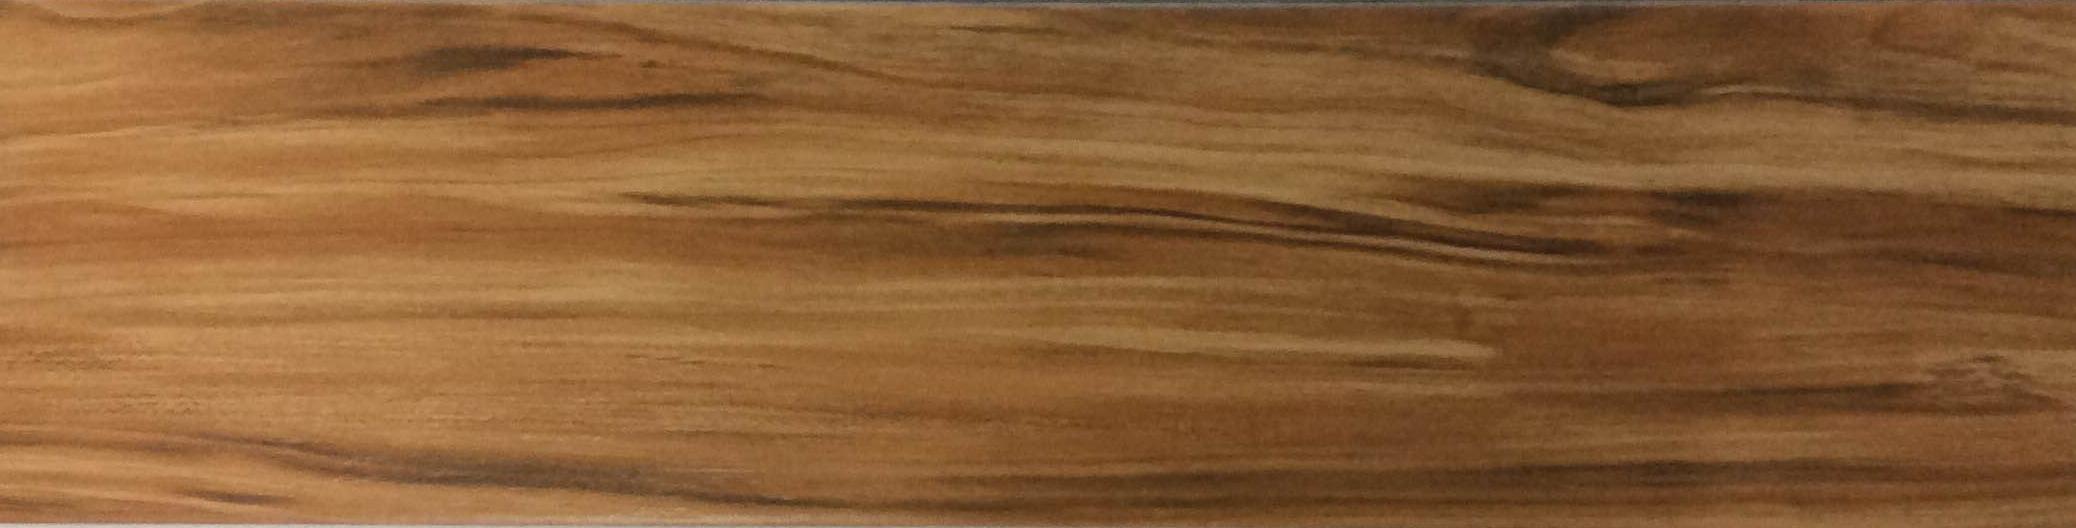 กระเบื้องลายไม้ 15x60 cm รุ่น VHD-06029